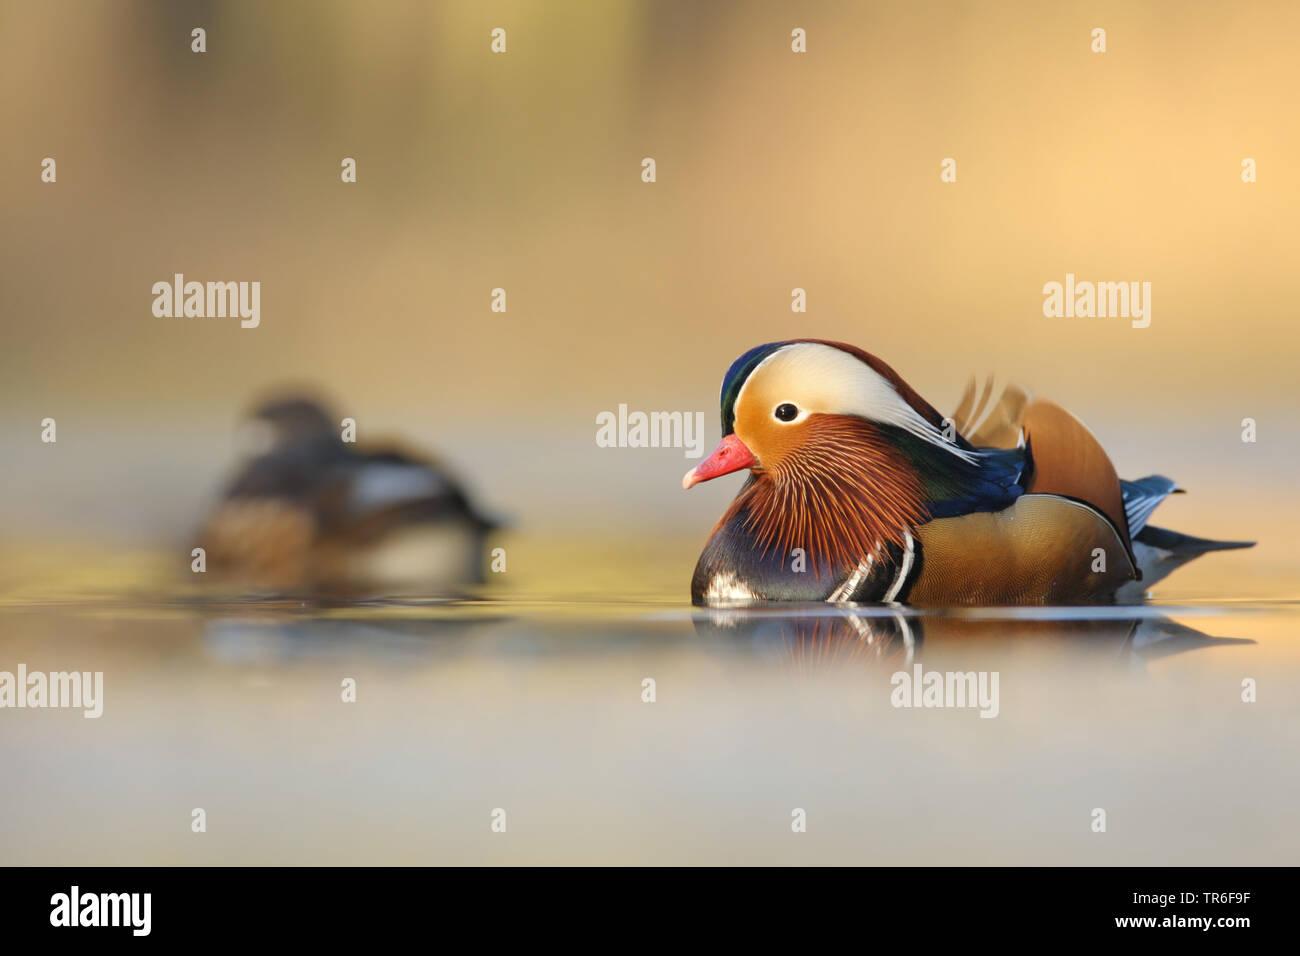 Mandarinente, Mandarin-Ente (Aix galericulata), schwimmendes Paar, Maennchen im Vordergrund, Deutschland | mandarin duck (Aix galericulata), swimming - Stock Image